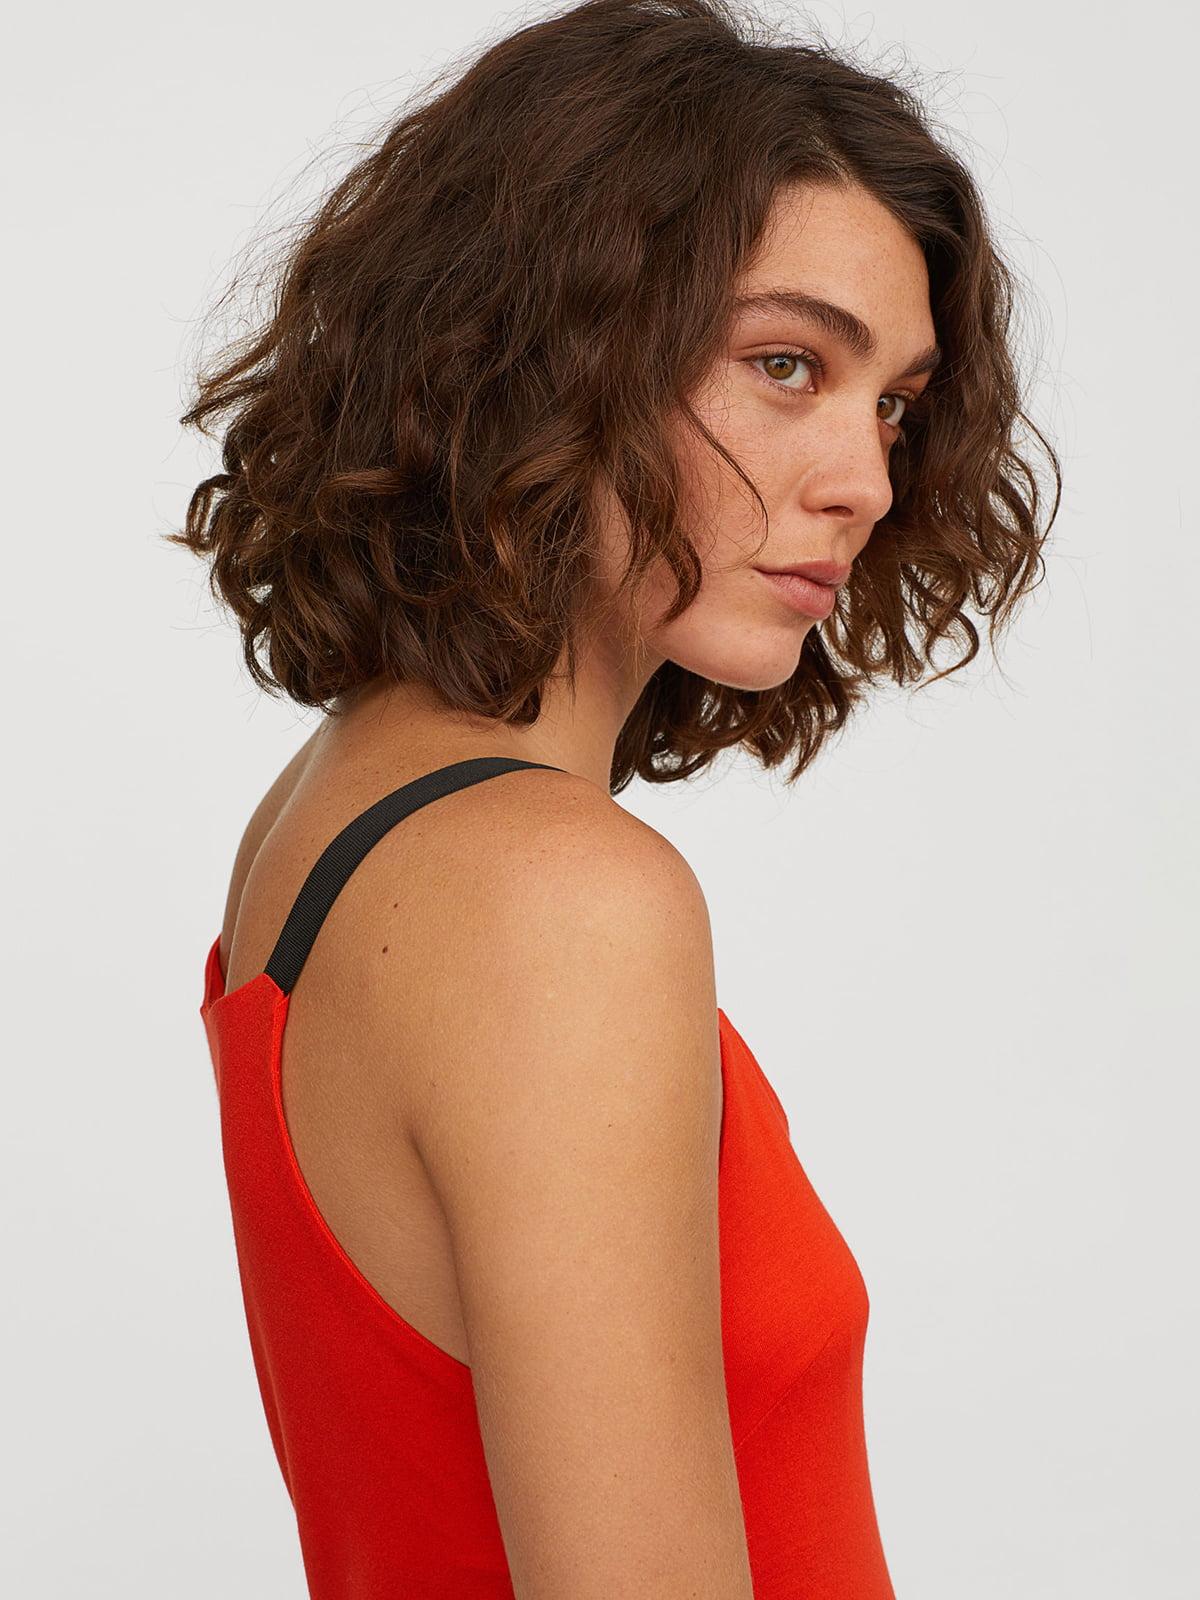 Сукня червона | 5046619 | фото 2